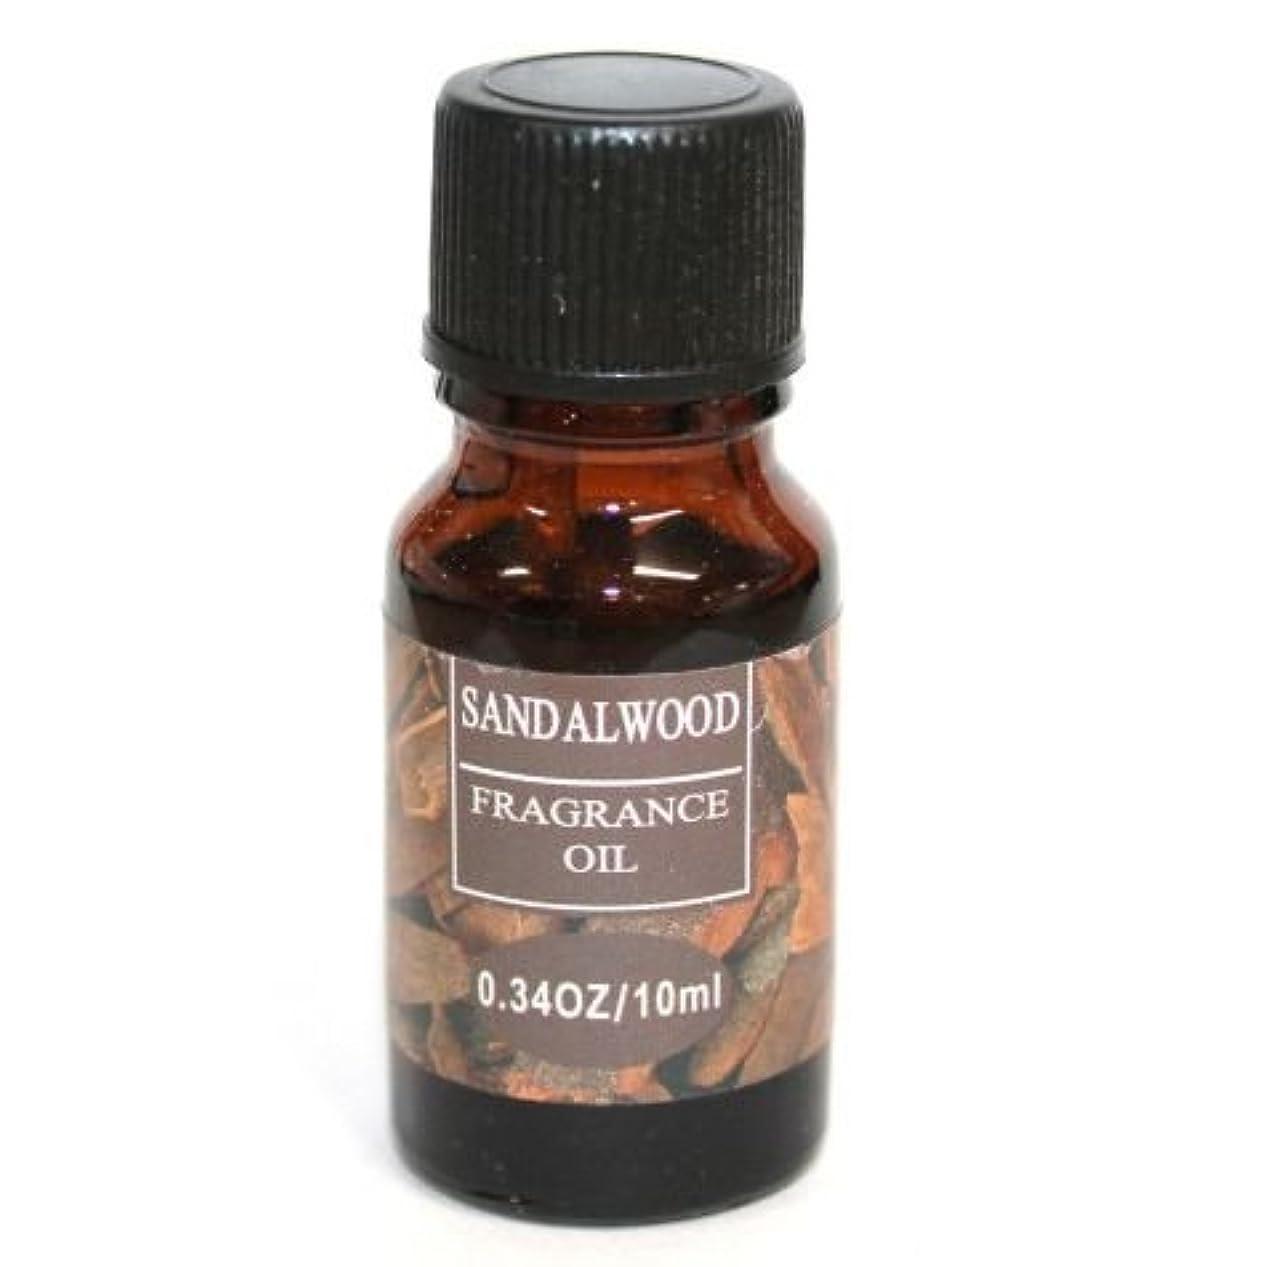 意図的秘密のダイエットRELAXING アロマオイル フレグランスオイル サンダルウッドの香り ビャクダン (白檀) RQ-03